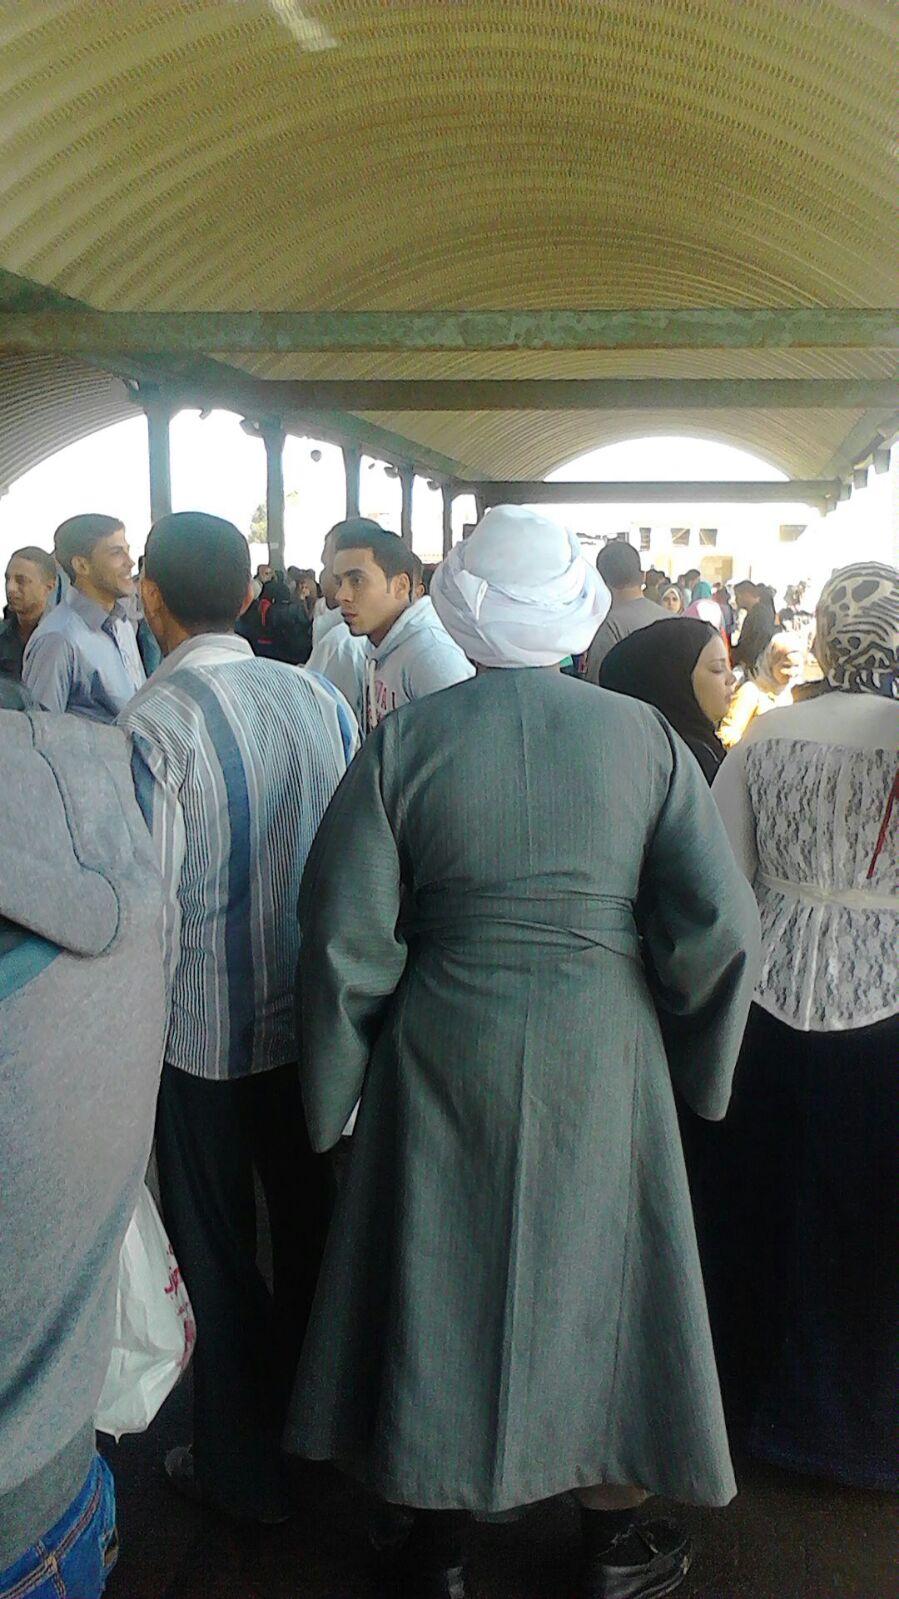 شلل في مواصلات الإسكندرية.. وتكدس في موقف سيدي بشر